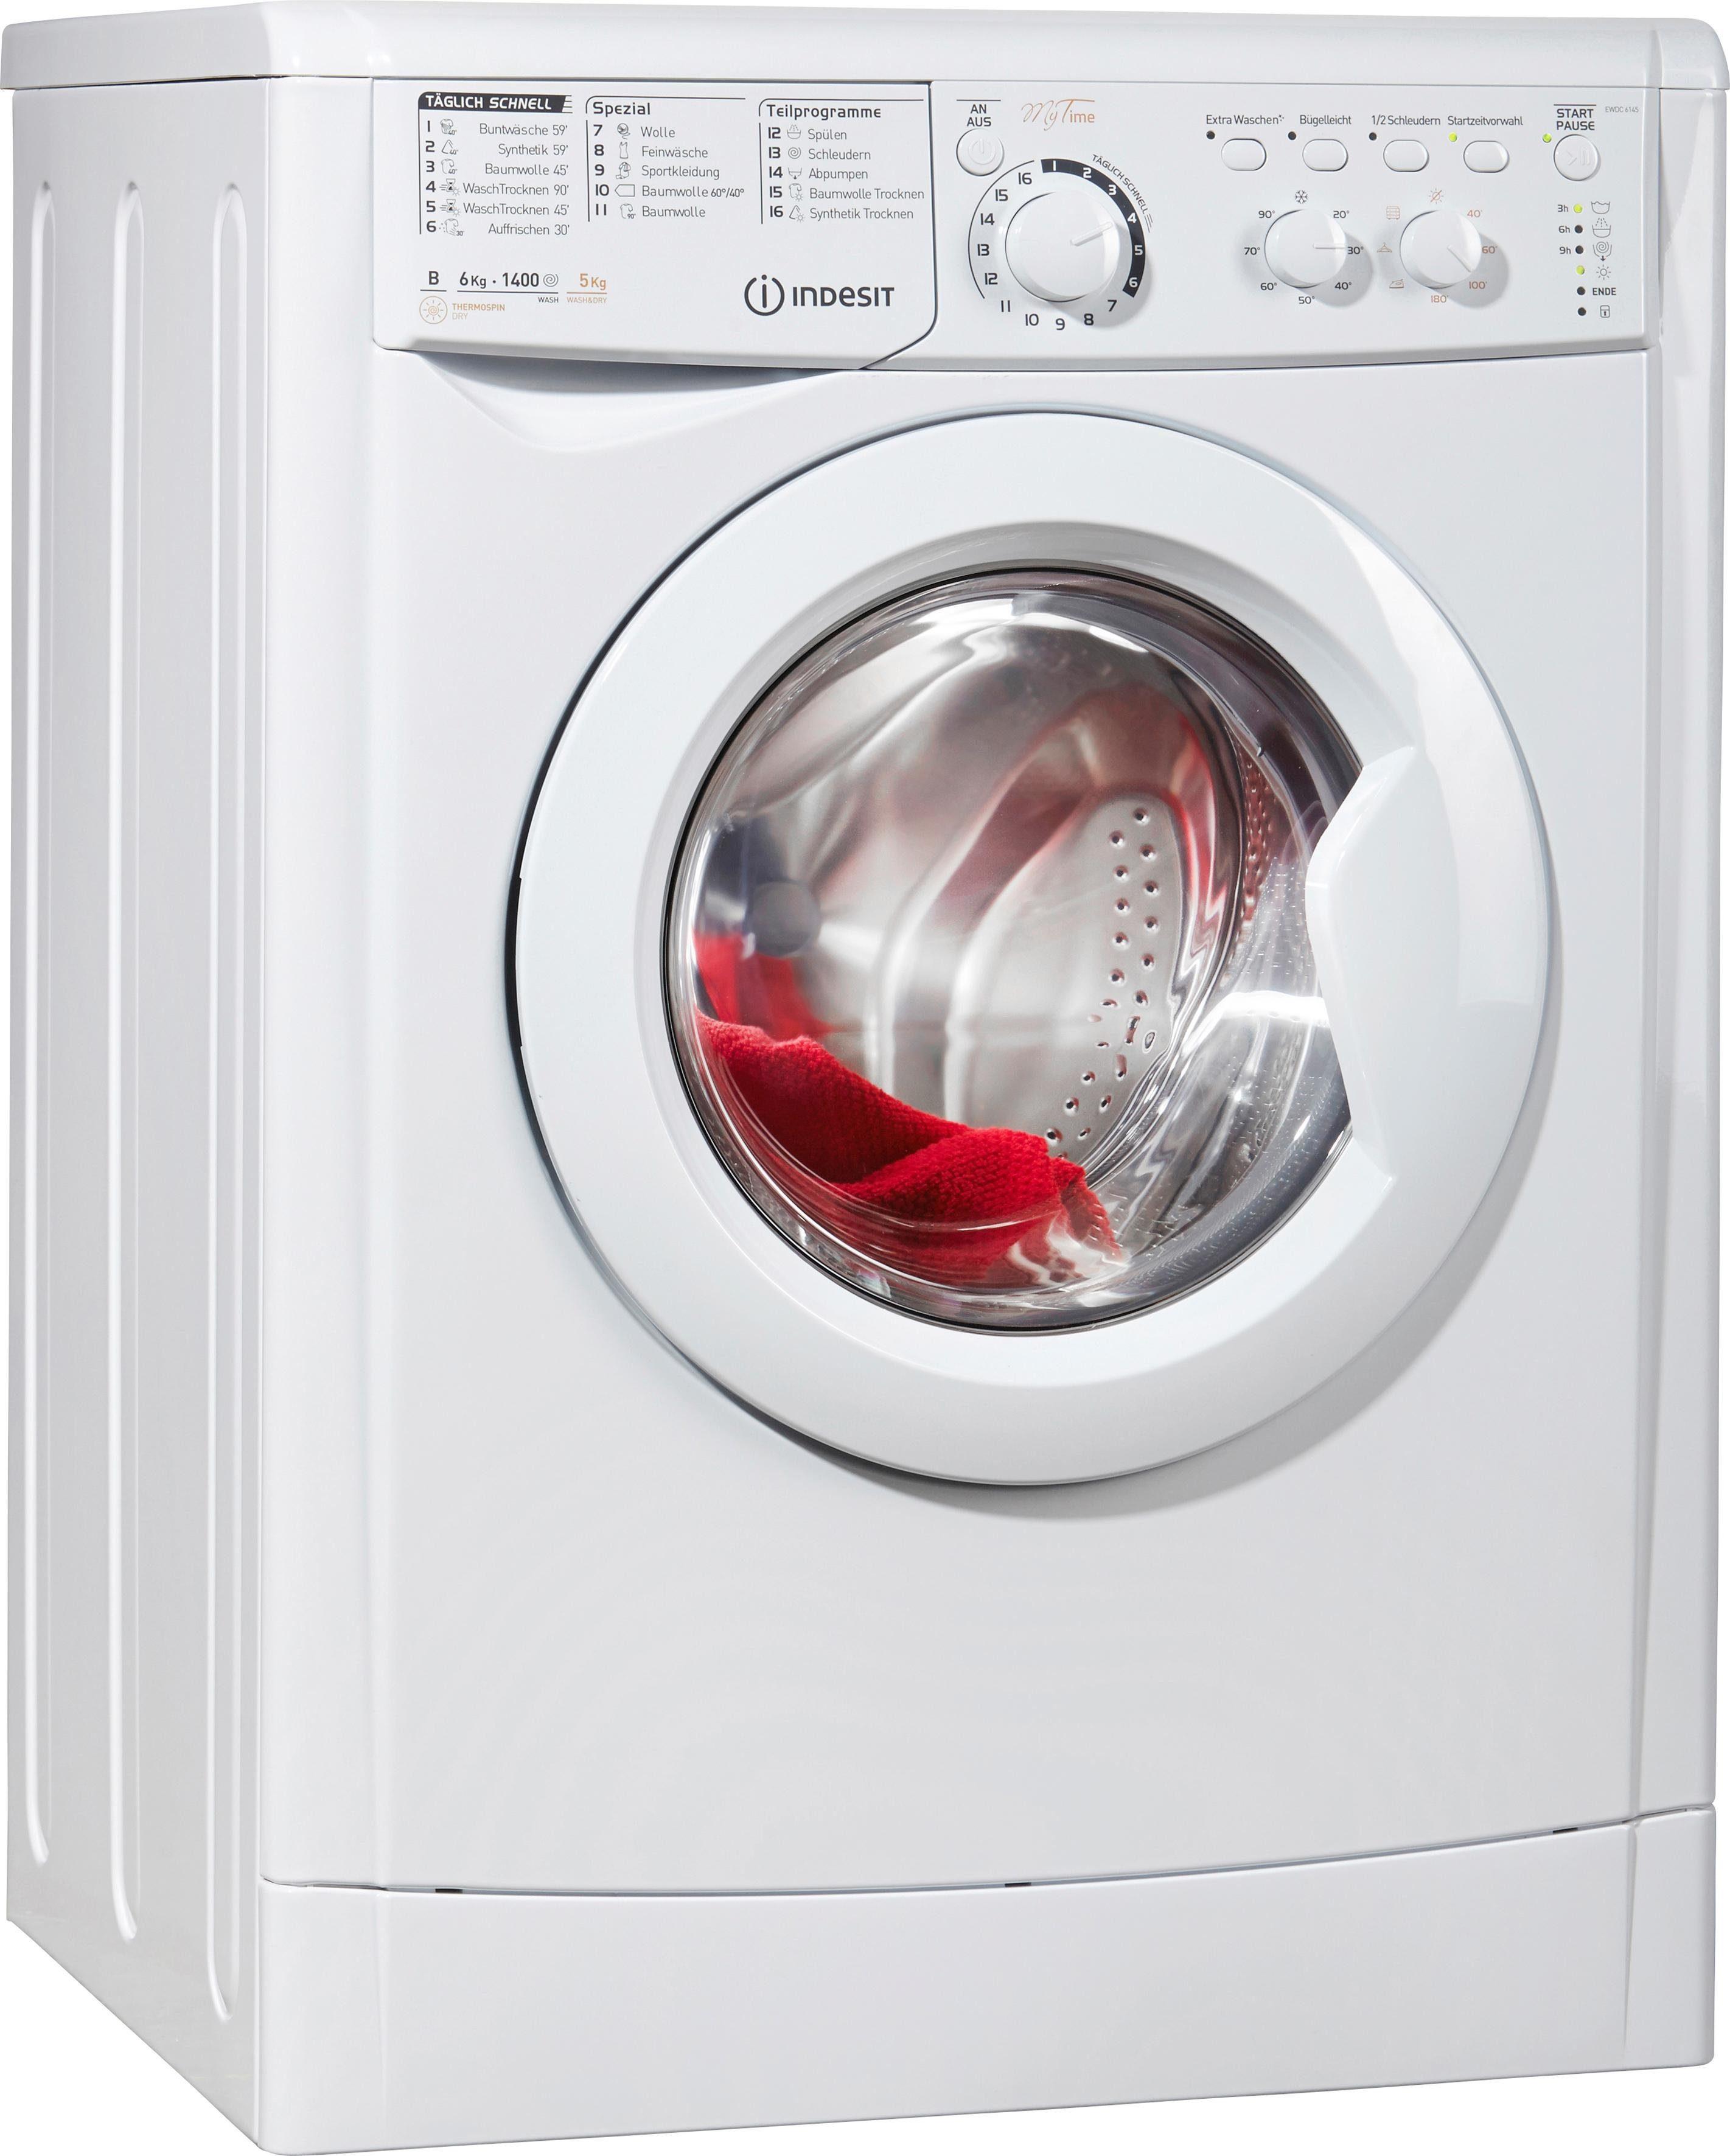 Indesit Waschtrockner 6 kg / 5 kg, 1400 U/Min